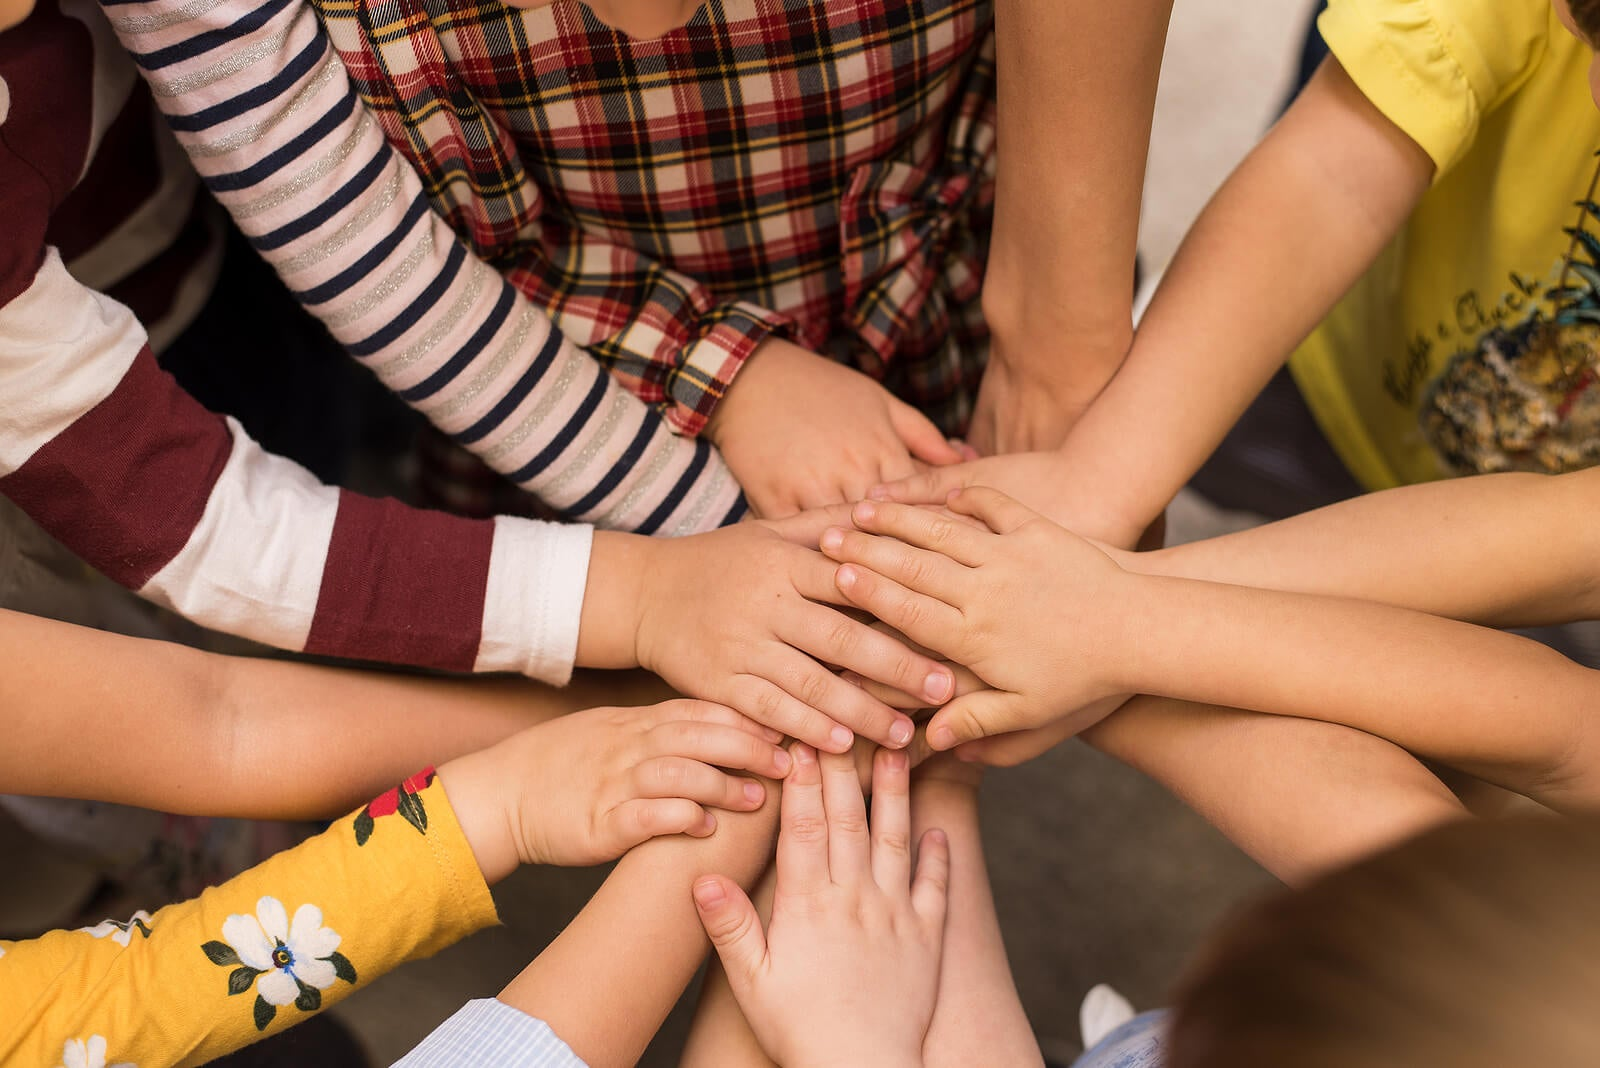 Les enfants se donnent la main en équipe